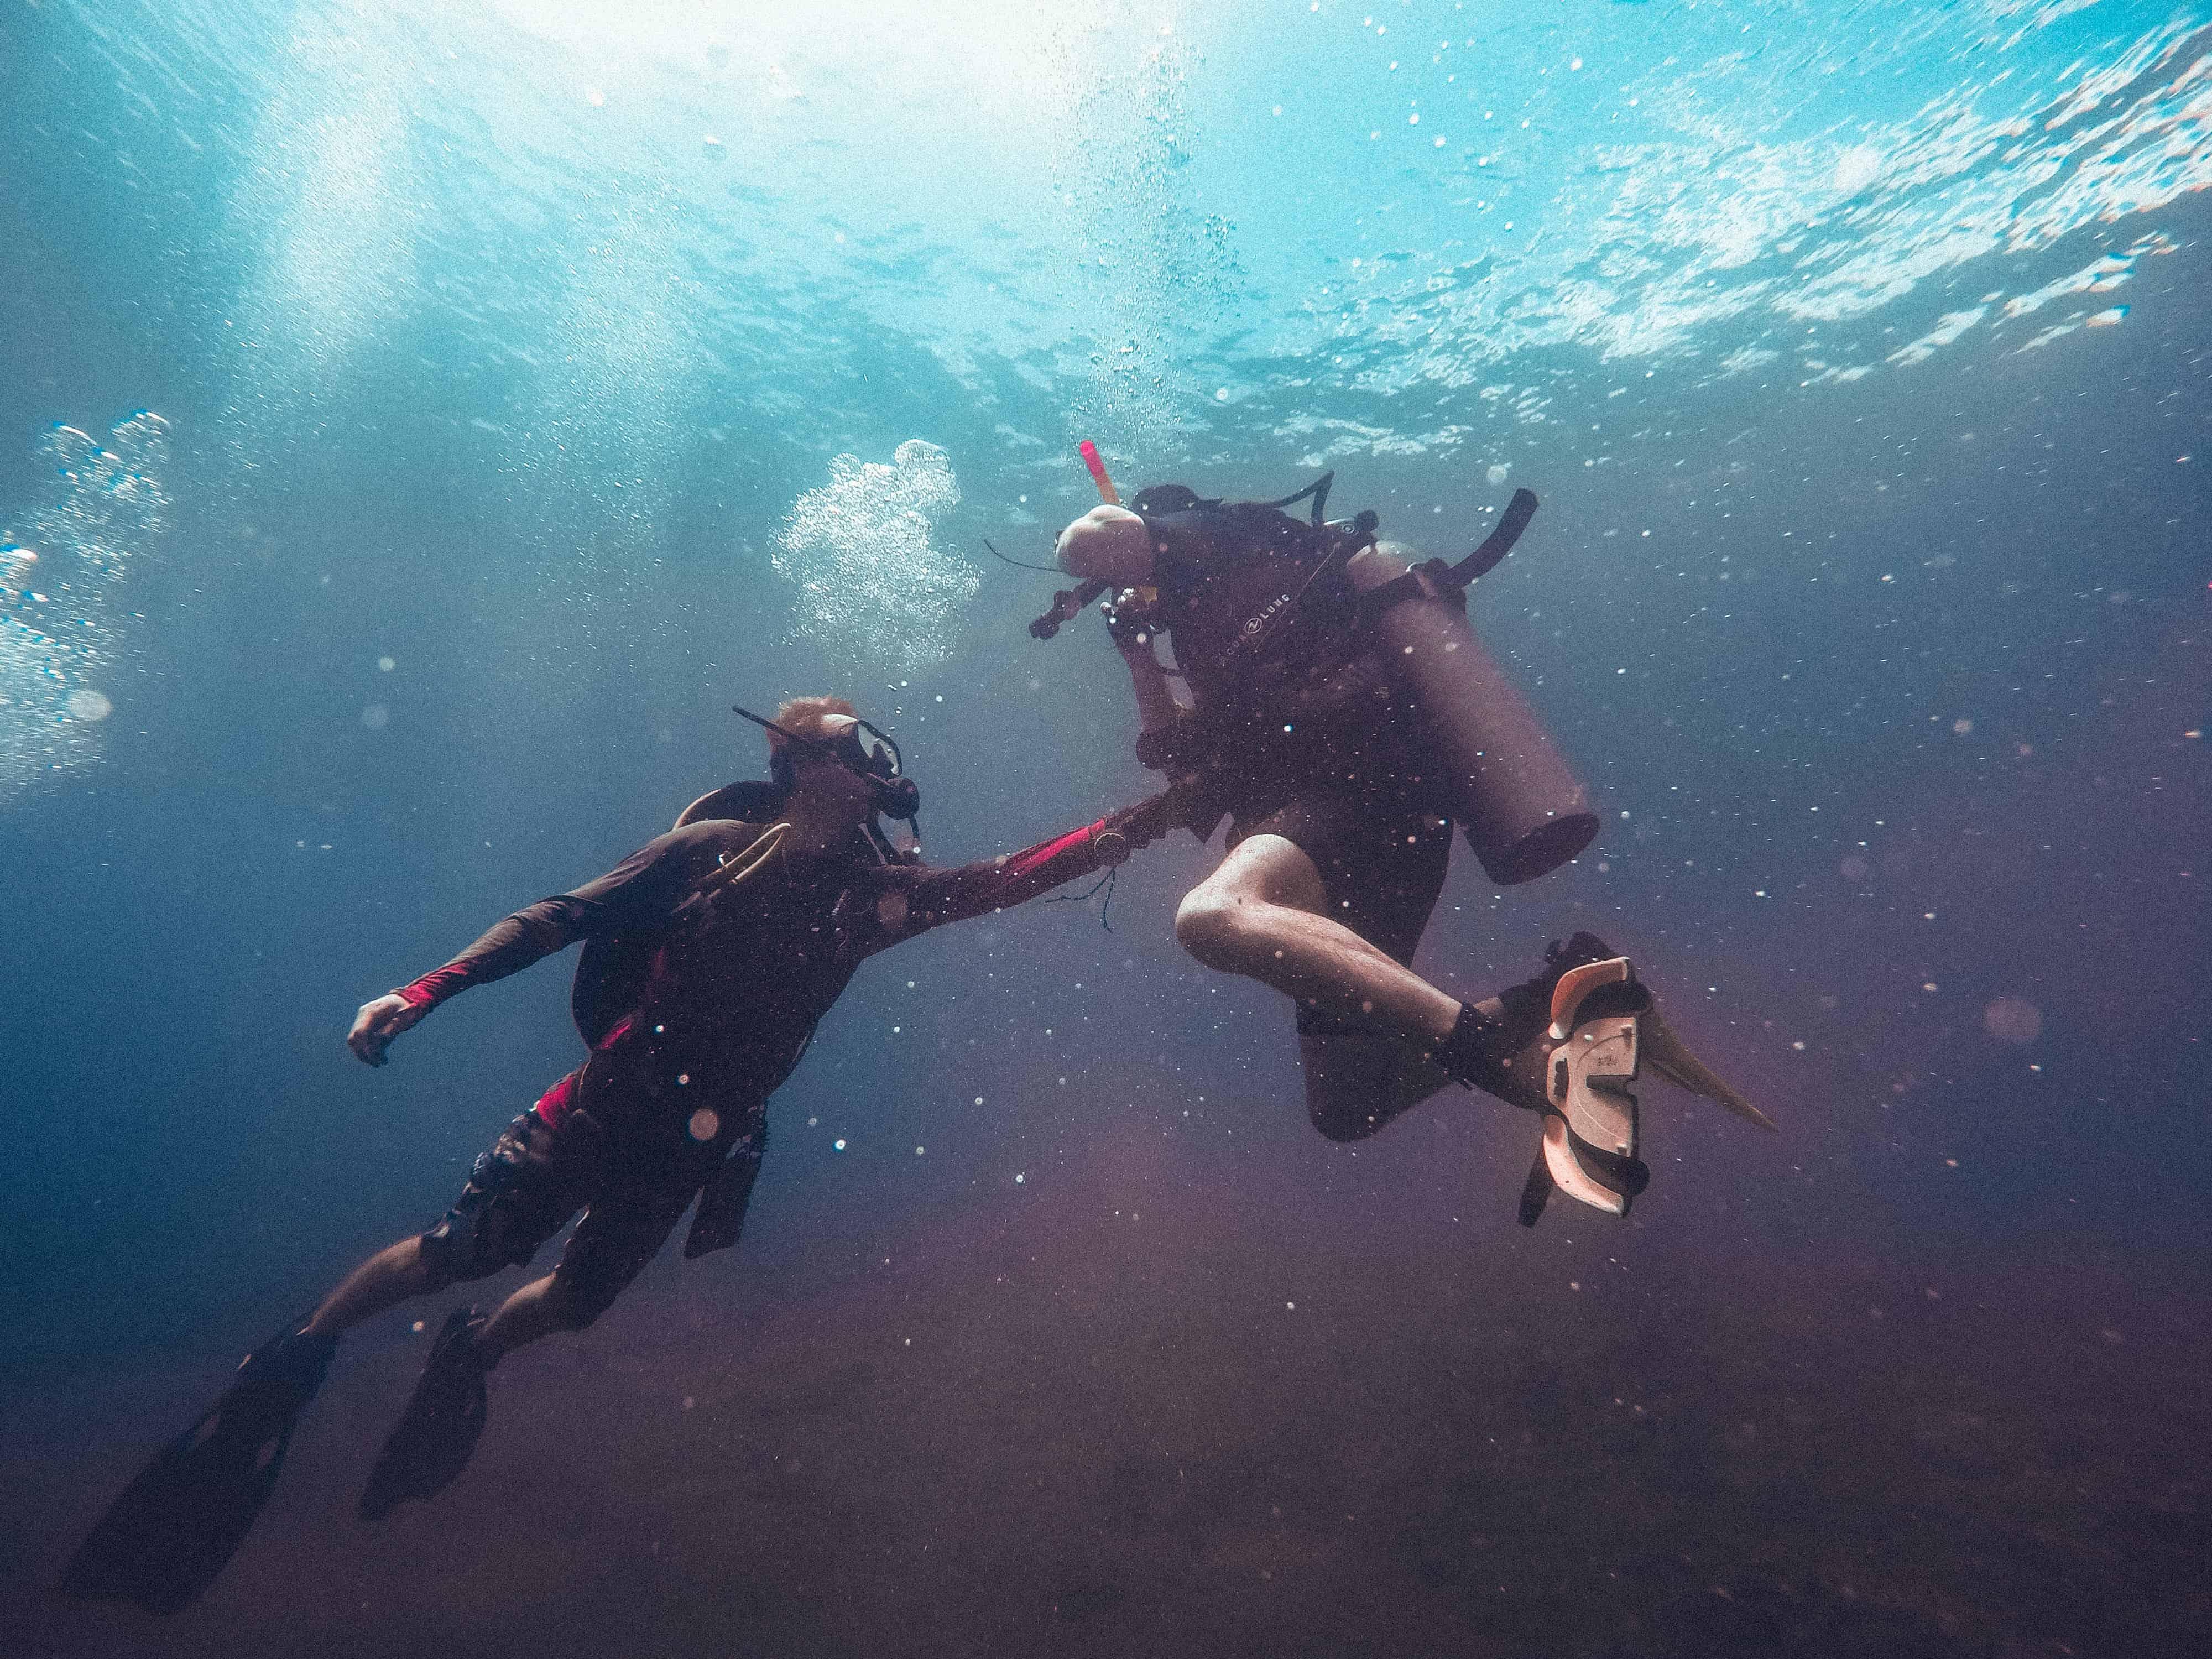 Scuba divers, Oxygen tanks, oxygen facts